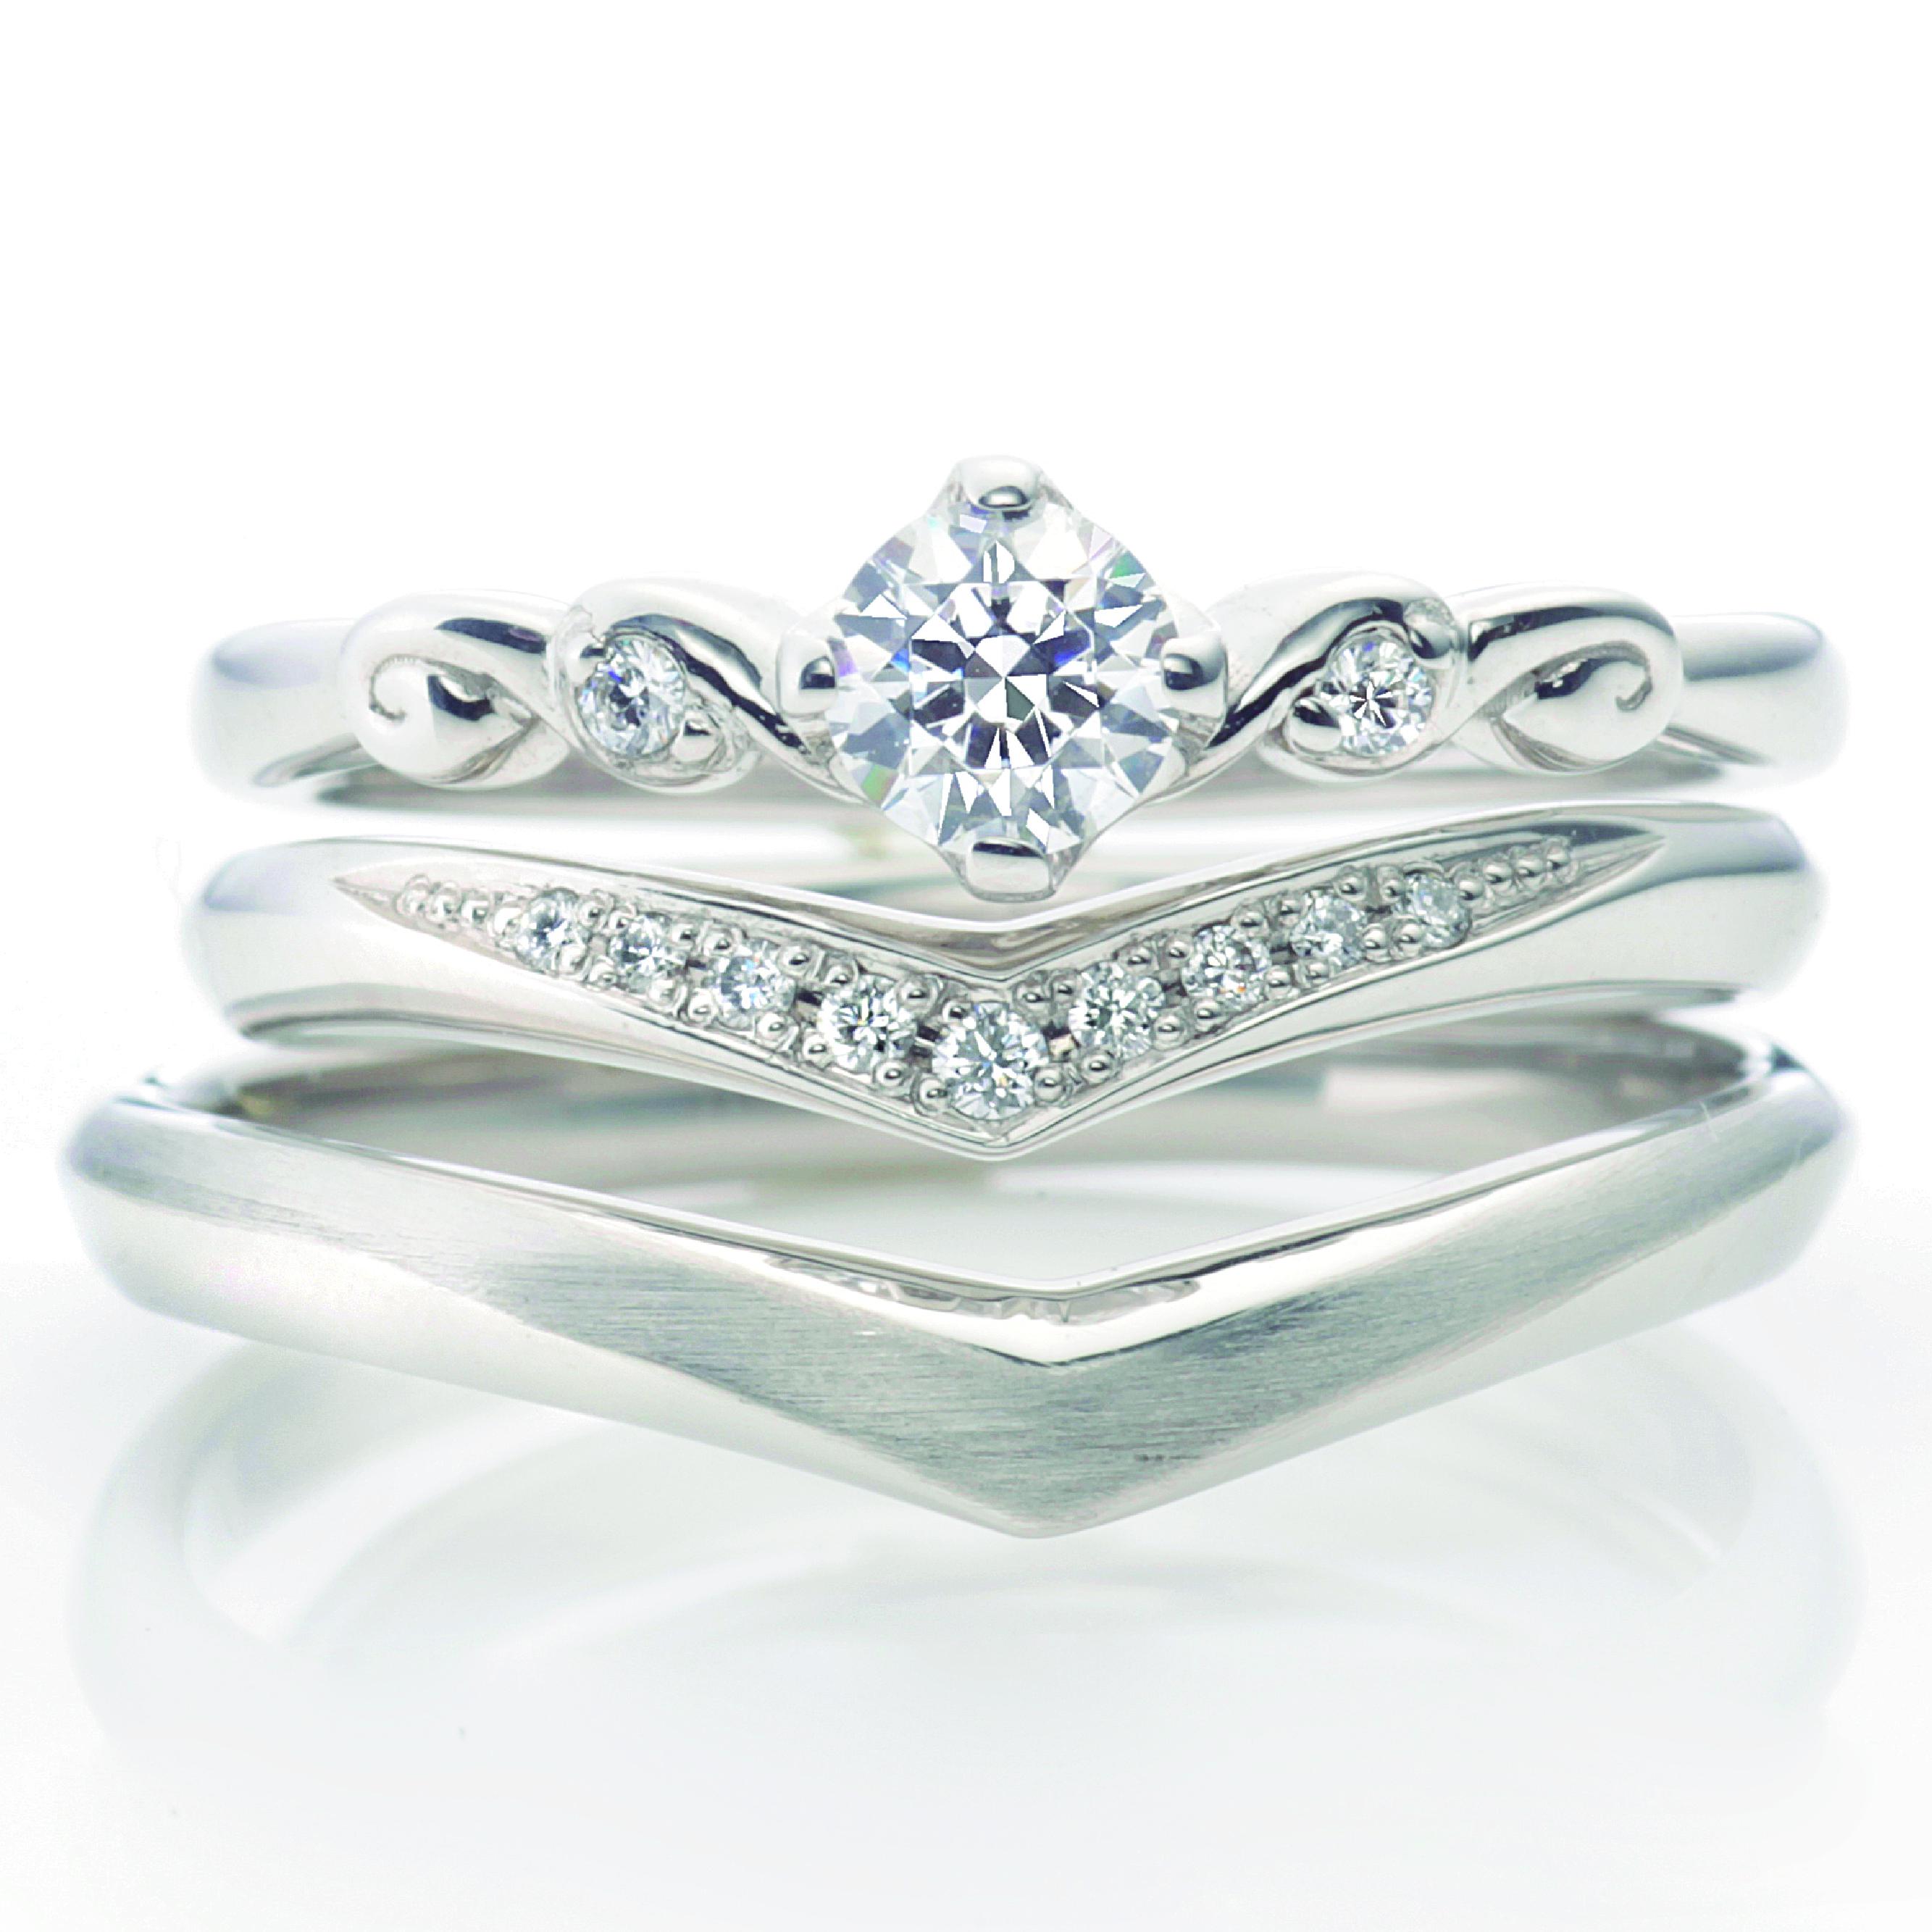 フェミニン,ゴージャス 結婚指輪のスピラル